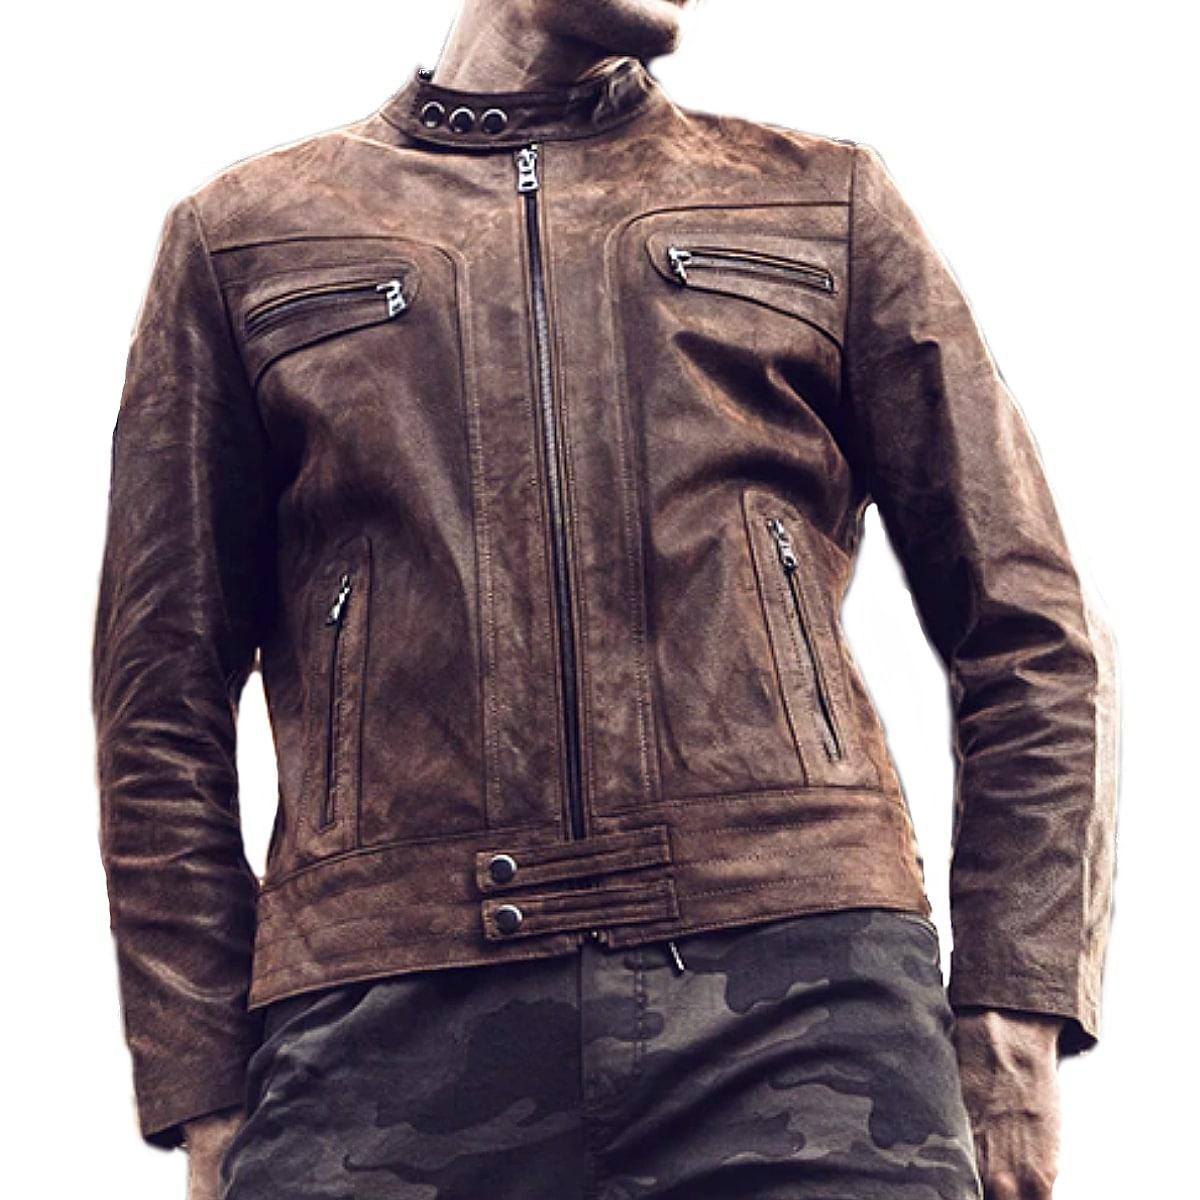 【送料無料!】全10サイズ! [Men's Vintage Pigskin Genuine Leather Single Riders Jacket] メンズ ビンテージ ピッグスキン ジェニュインレザー シングルライダースジャケット! 本革 豚革 革ジャン ブラウン コート アウター バイクに!